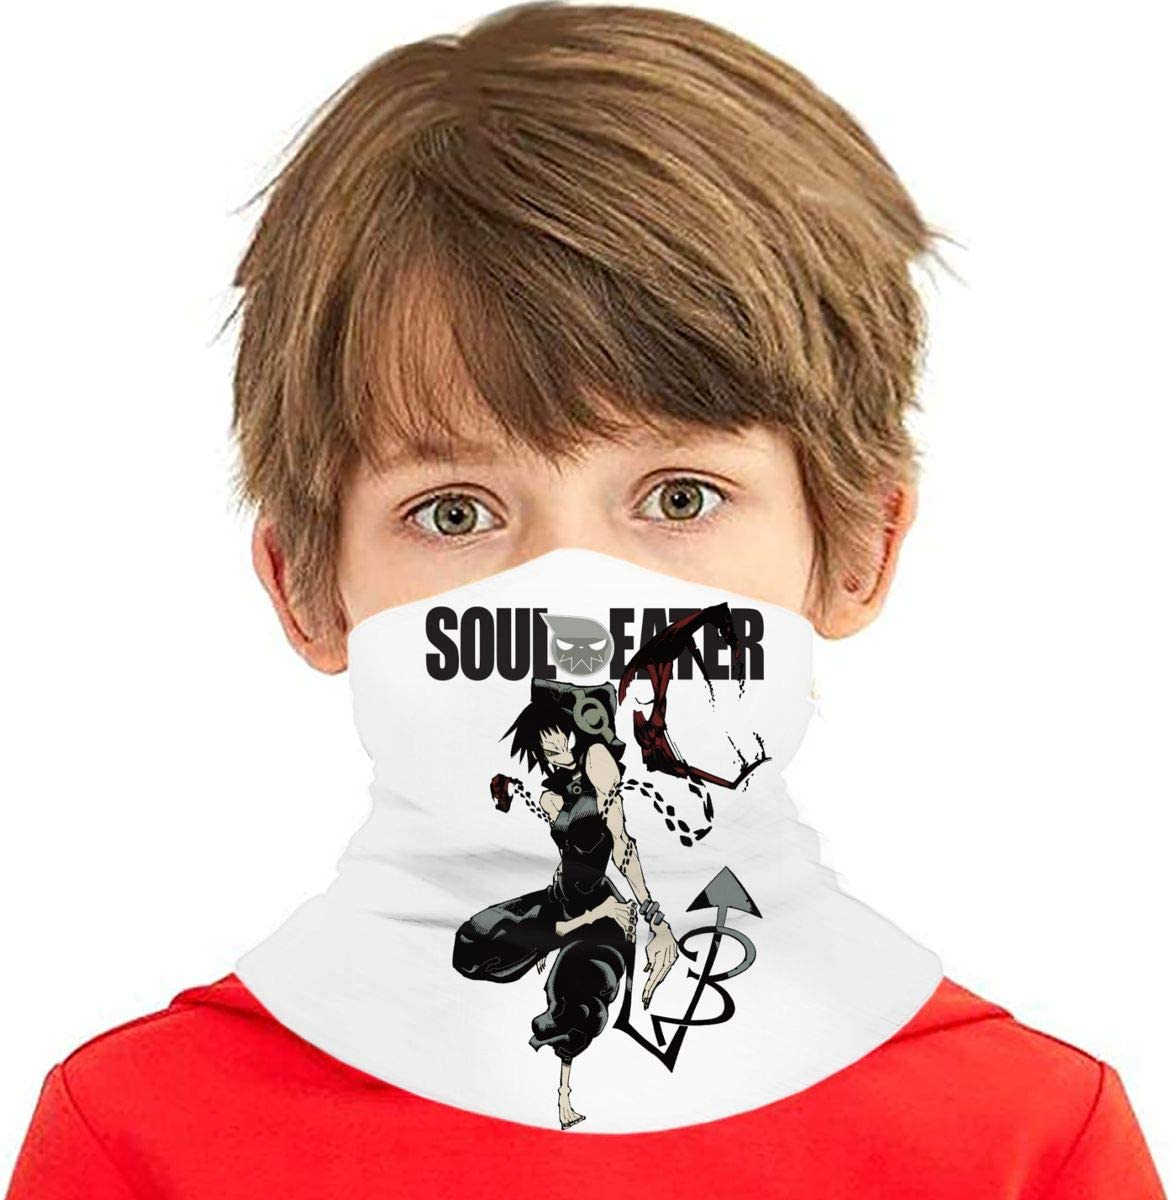 Scarf,Multi-Functional Full-Coverage for Boy//Girl Dxddsdks Soul Eater Face Cover//Headband